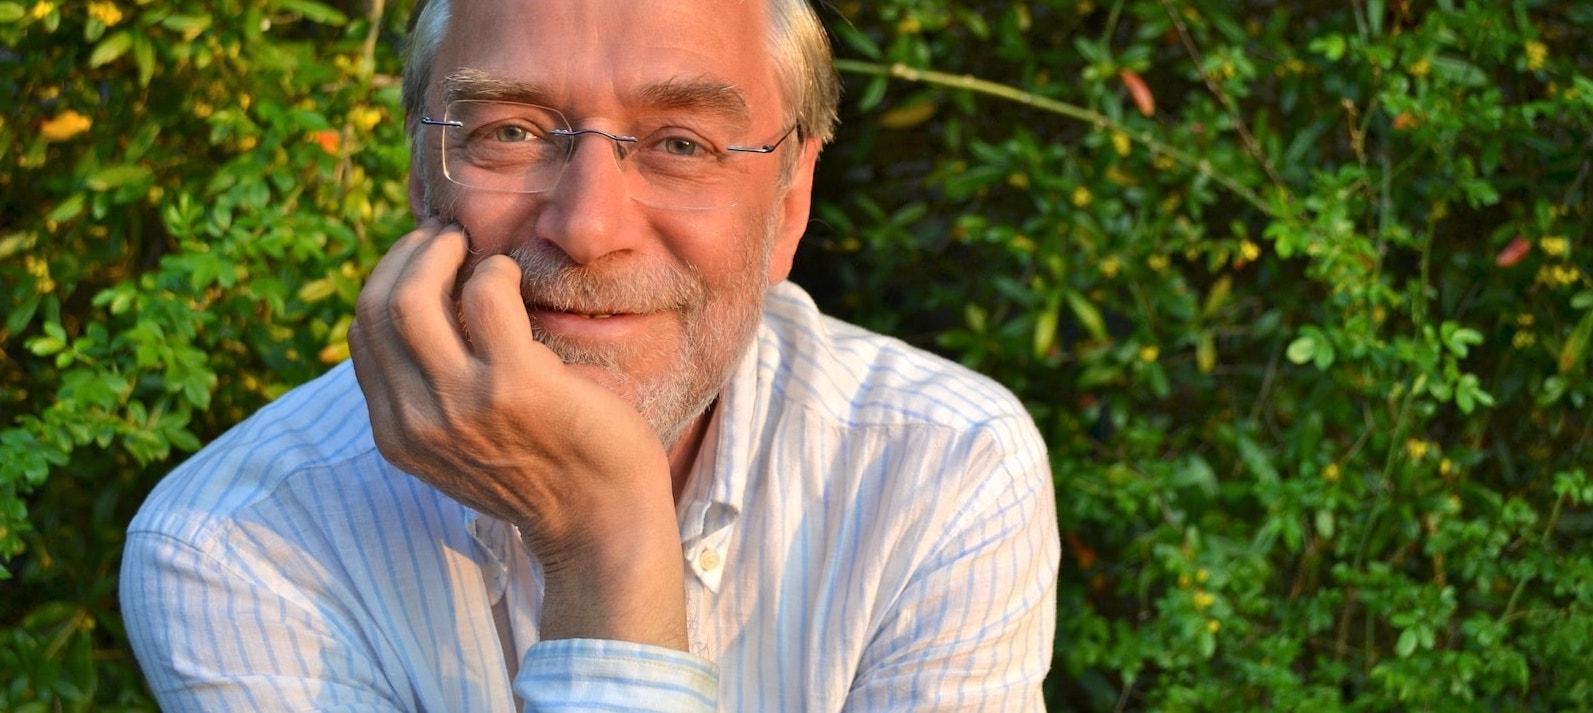 Geht das Reisen den Bach runter? // Unser Podcast mit Prof. Dr. Gerald Hüther.